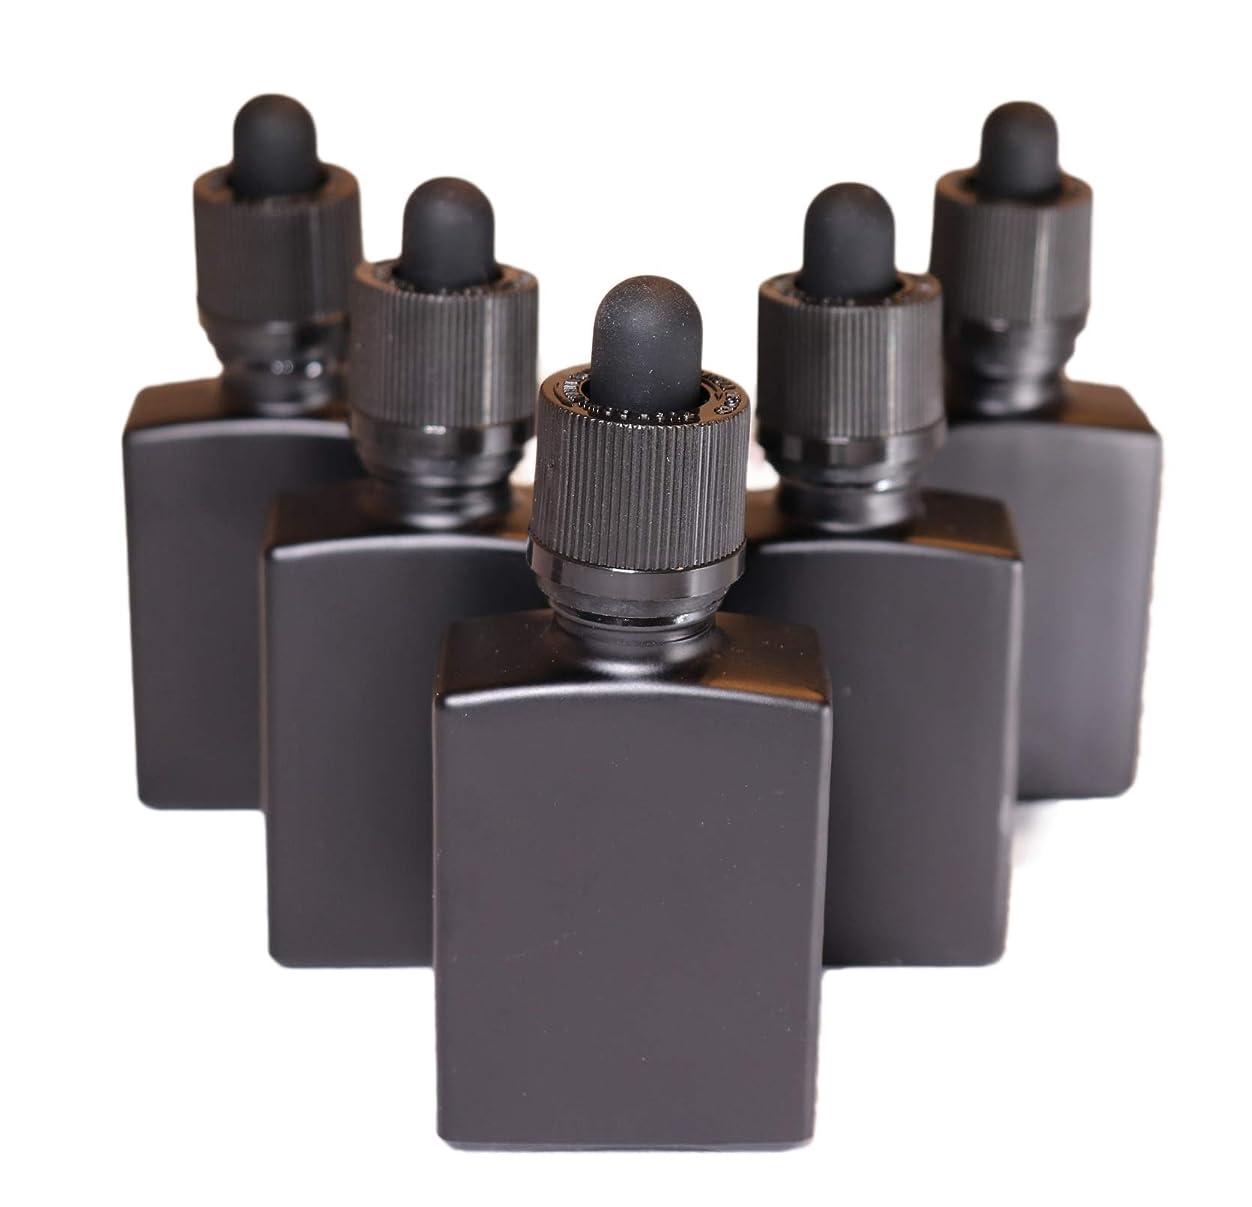 4 Queens ガラス製スポイト遮光瓶【チャイルドロック付き】30ml 5本セット アロマ 香水 リキッド保存用 詰め替え用 マットブラック